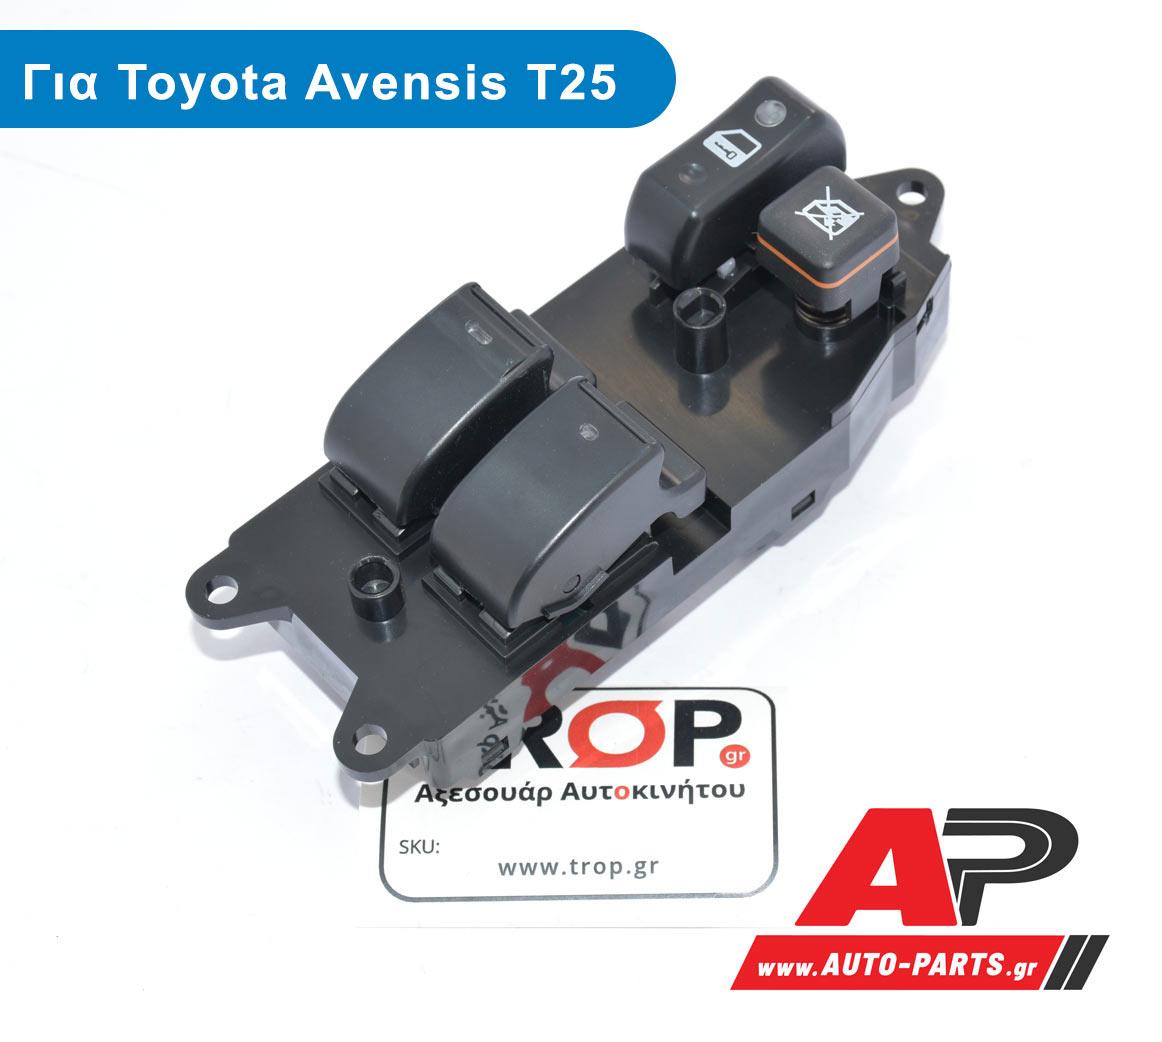 Διακόπτης Παραθύρων για Toyota Avensis (T25) Μοντ: 2003 - 2008 – Φωτογραφία από Trop.gr